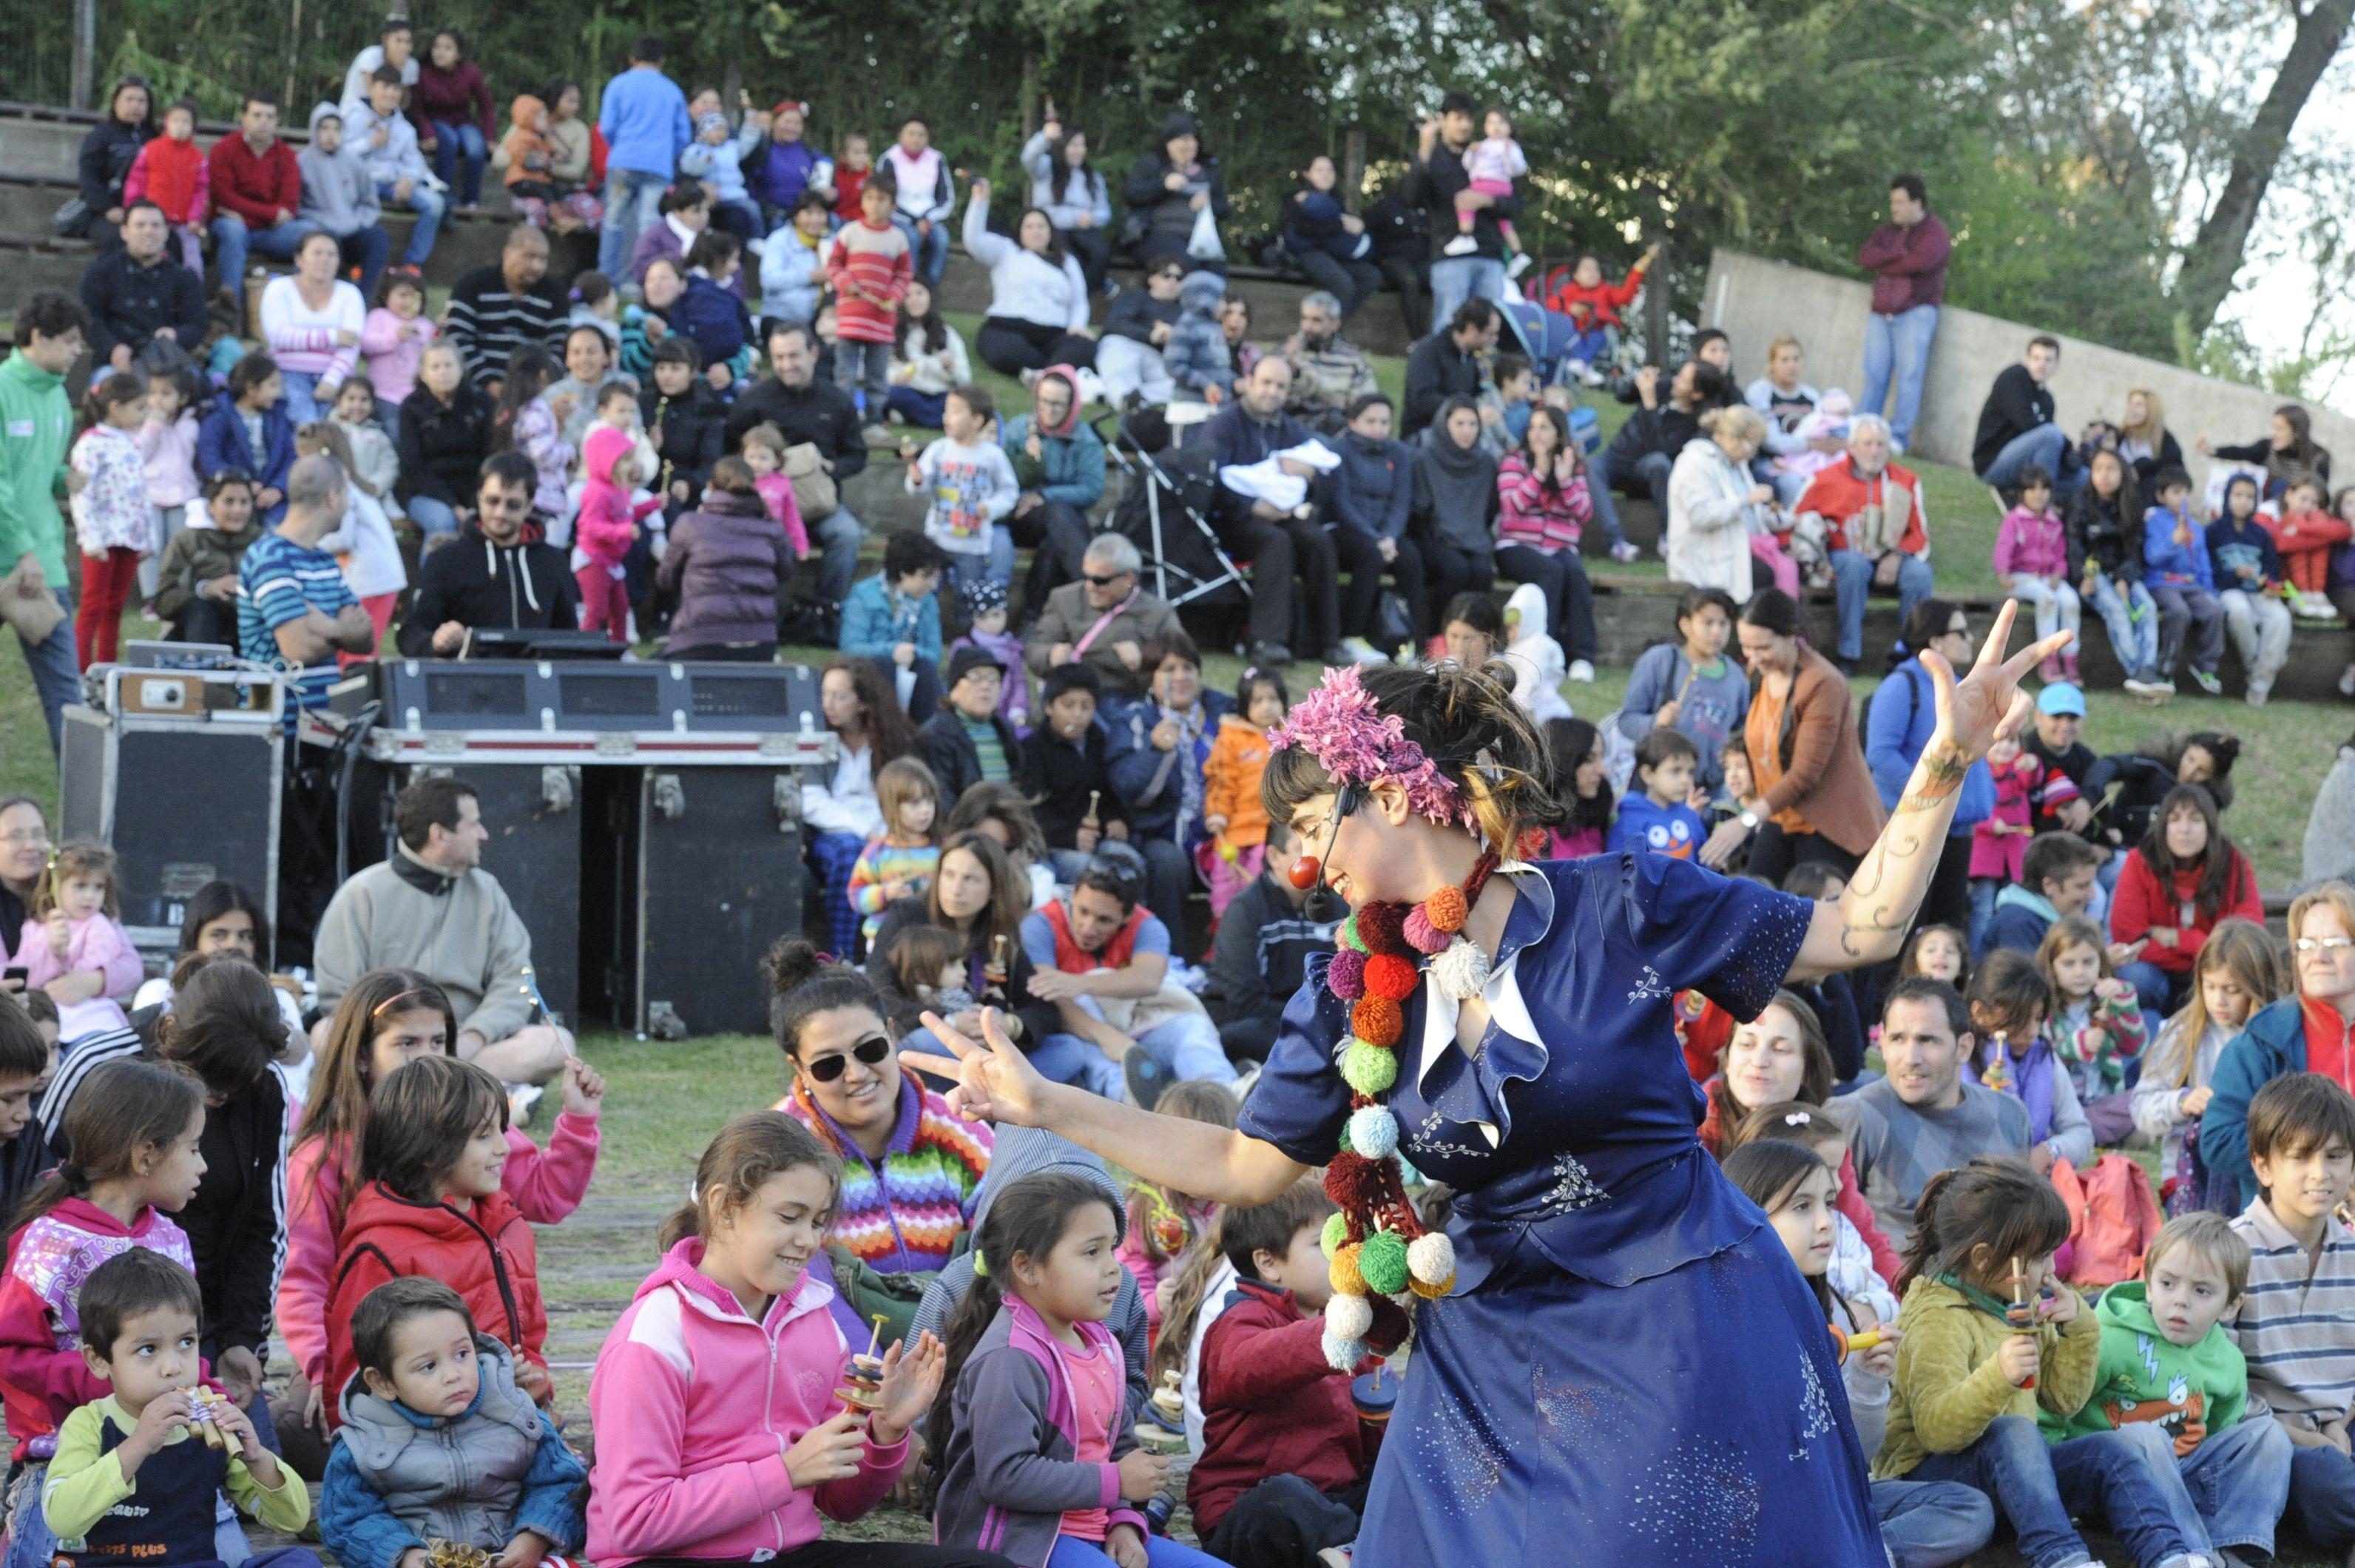 Festejos. Numerosas familias disfrutaron de los espectáculos en la Granja.